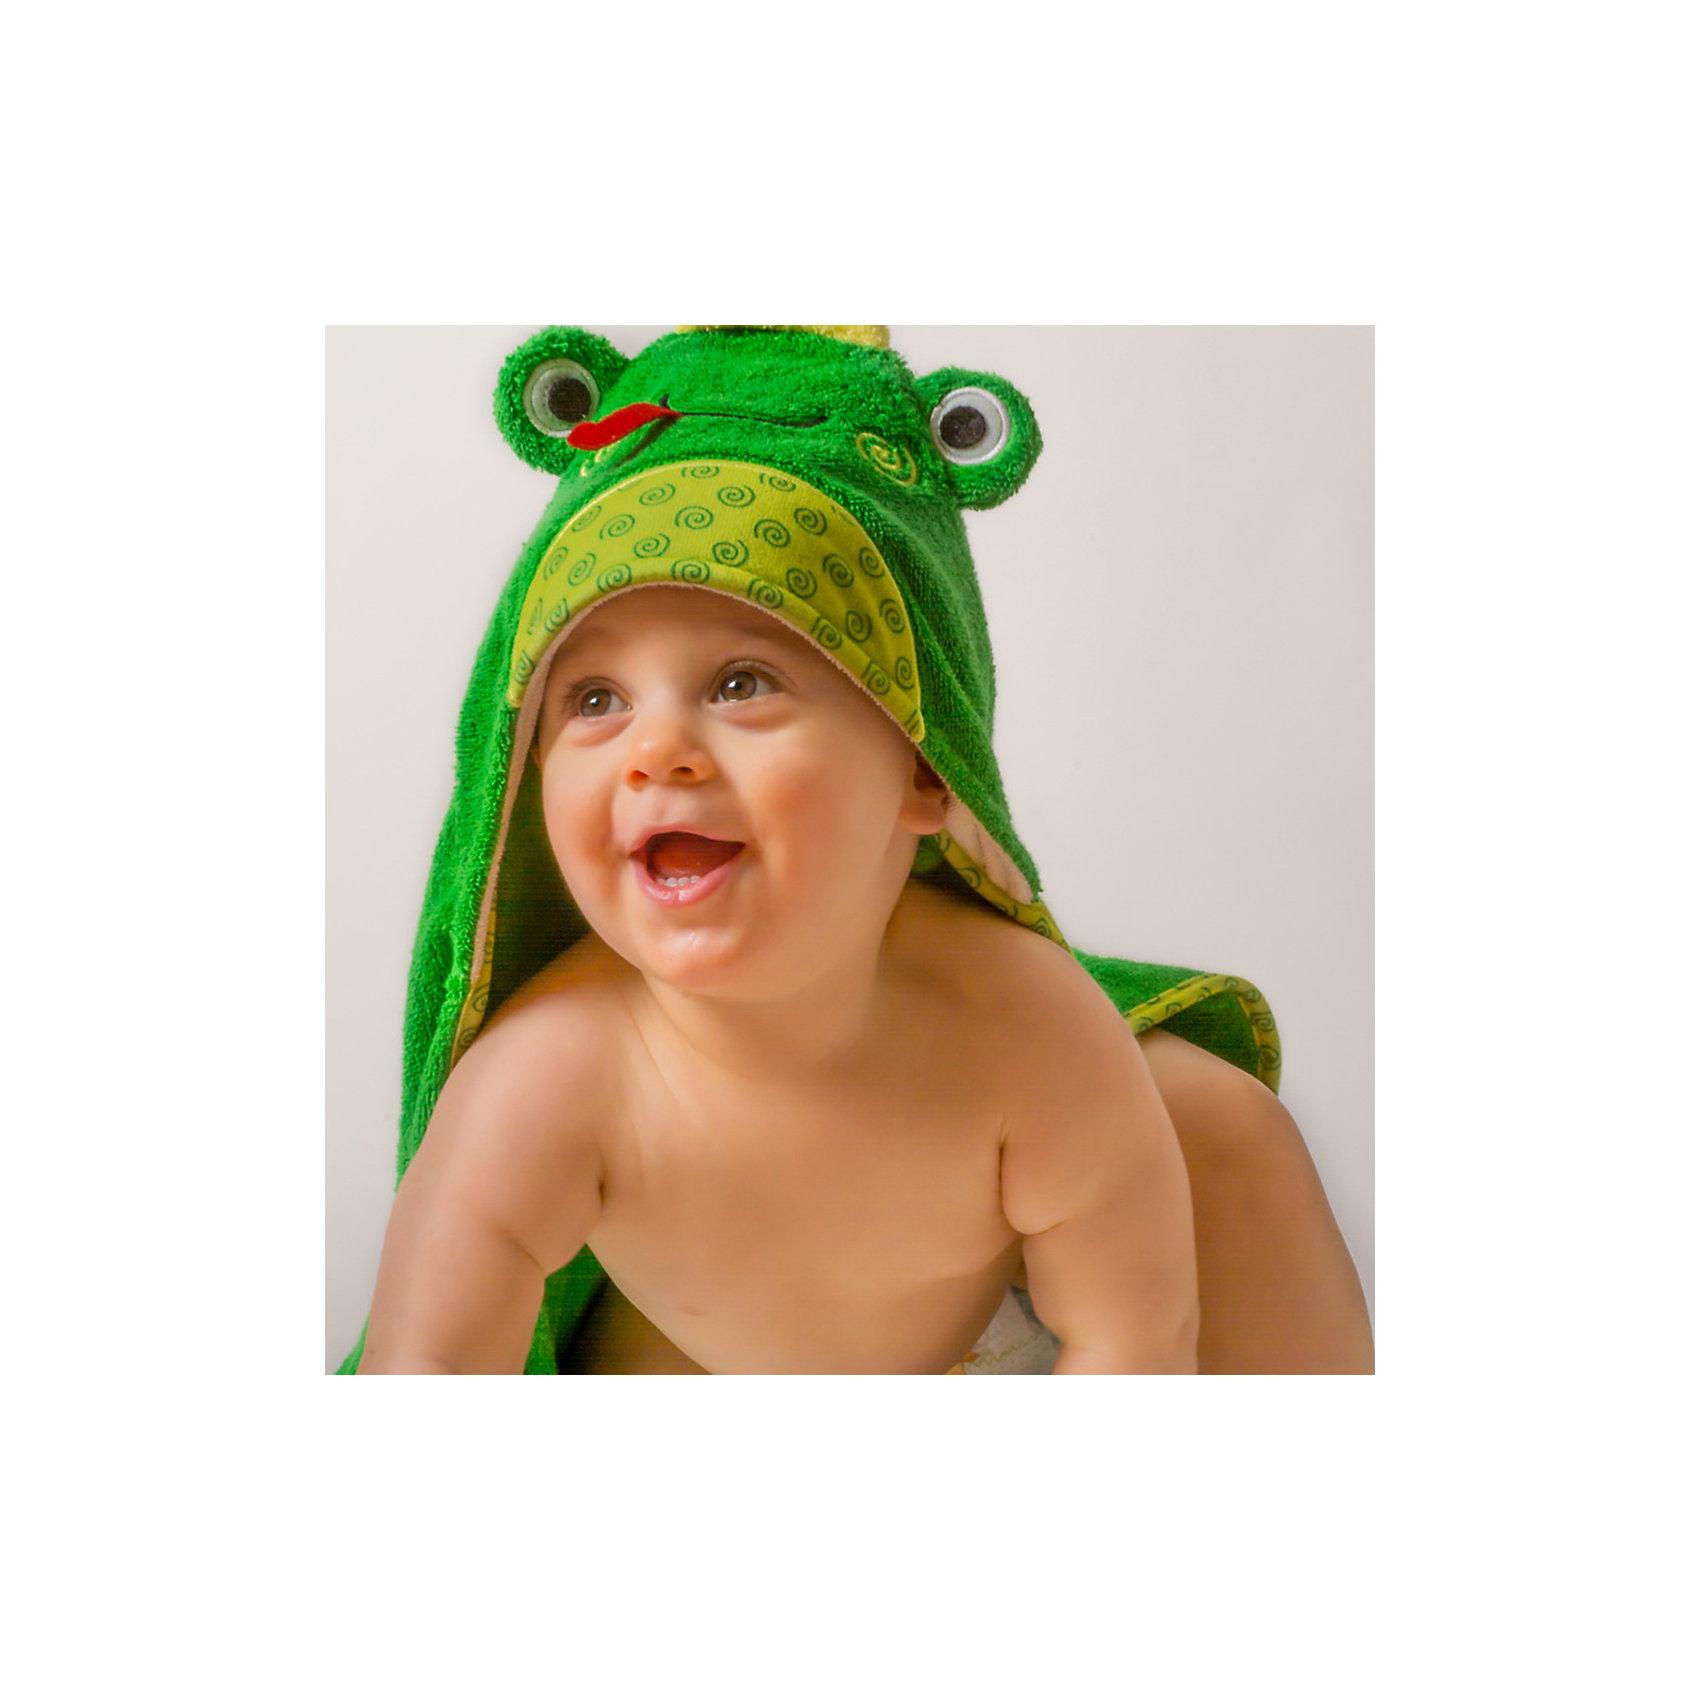 Полотенце с капюшоном Flippy the Frog (0-18 мес.), ZoocchiniПолотенца, мочалки, халаты<br>Полотенце с капюшоном Flippy the Frog (0-18 мес.) Лягушонок Флиппи, от американского бренда Zoocchini (Зукинни) сделает принятие ванны еще уютнее и приятнее. Большое хлопковое полотенце прекрасно впитывает влагу, а веселый капюшон с лягушонком защитит от сквозняков. Яркий зеленый цвет с шелтой окантовкой придет по вкусу всей семье. Отлично малышам до полутора лет. <br>Дополнительная информация:<br><br>- Состав: 100% хлопок<br>- Размер: 76 * 76 см.<br>Полотенце с капюшоном Flippy the Frog (0-18 мес.) Лягушонок Флиппи (Зукини) можно купить в нашем интернет-магазине.<br>Подробнее:<br>• Для детей в возрасте: от 0 до 18 месцев<br>• Номер товара: 4976018<br>Страна производитель: Китай<br><br>Ширина мм: 250<br>Глубина мм: 190<br>Высота мм: 70<br>Вес г: 390<br>Возраст от месяцев: 0<br>Возраст до месяцев: 18<br>Пол: Унисекс<br>Возраст: Детский<br>SKU: 4976018